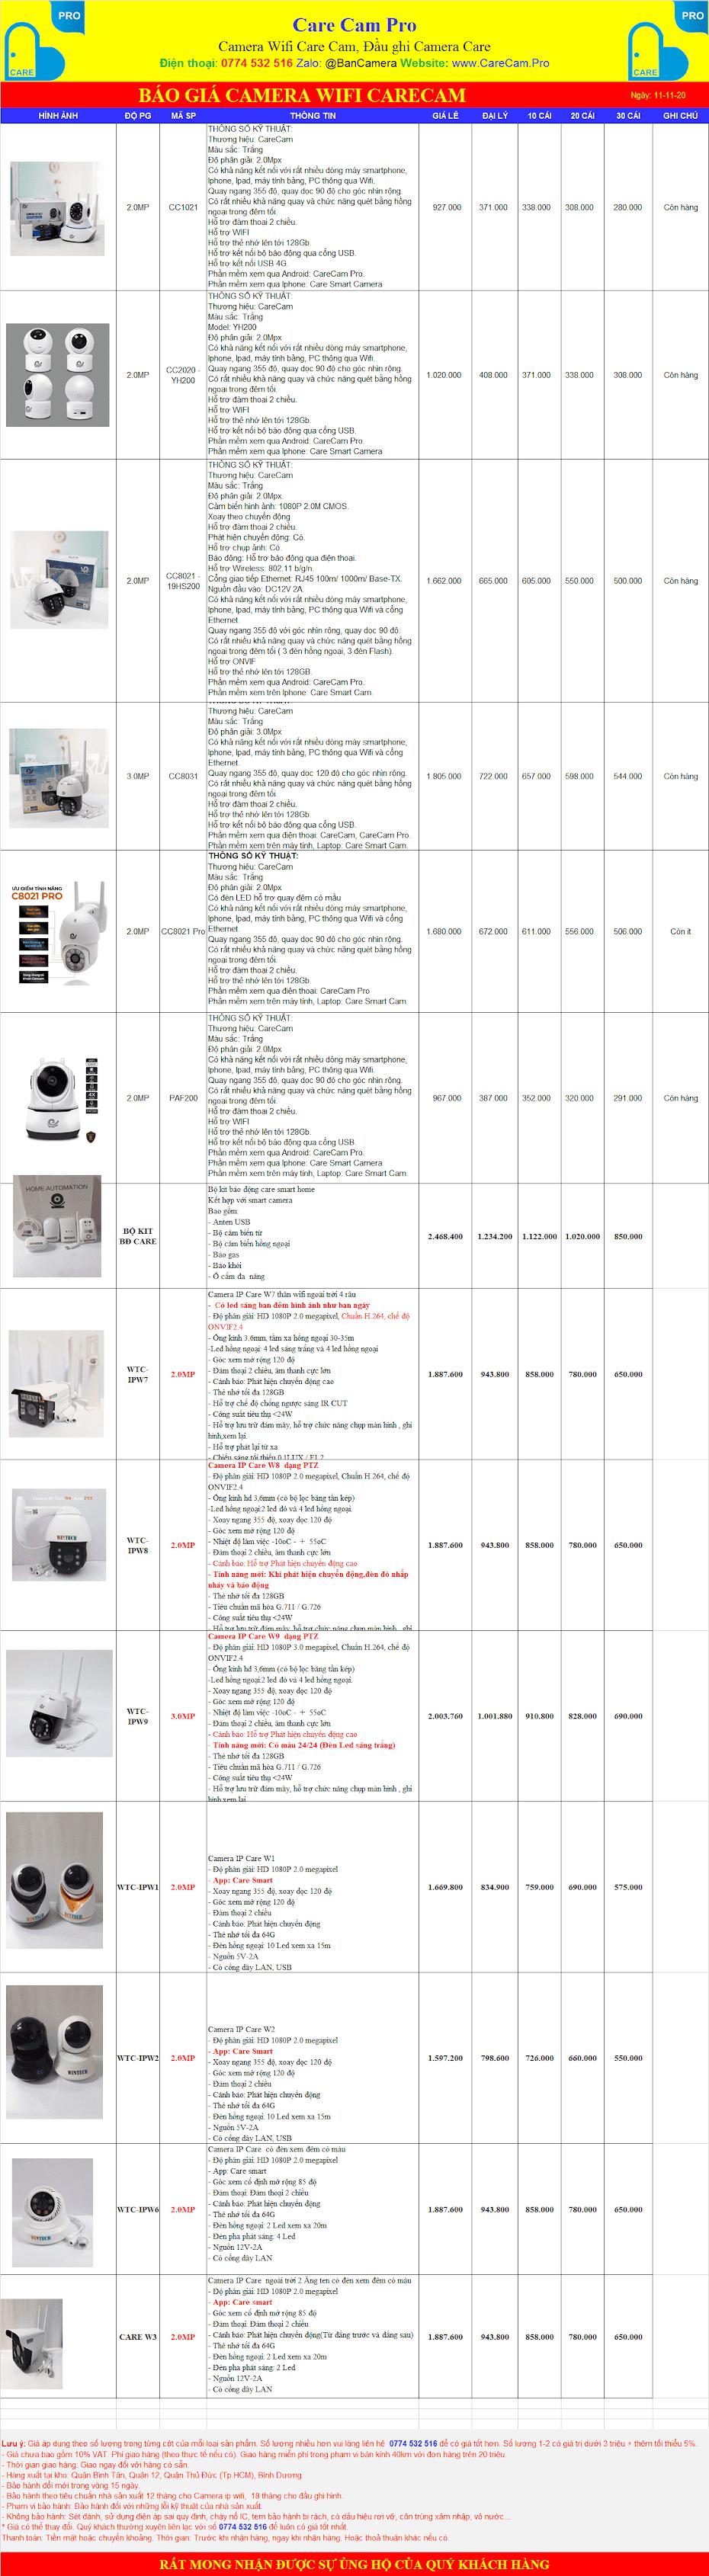 Bảng giá Camera Care Cam - Care Cam Pro